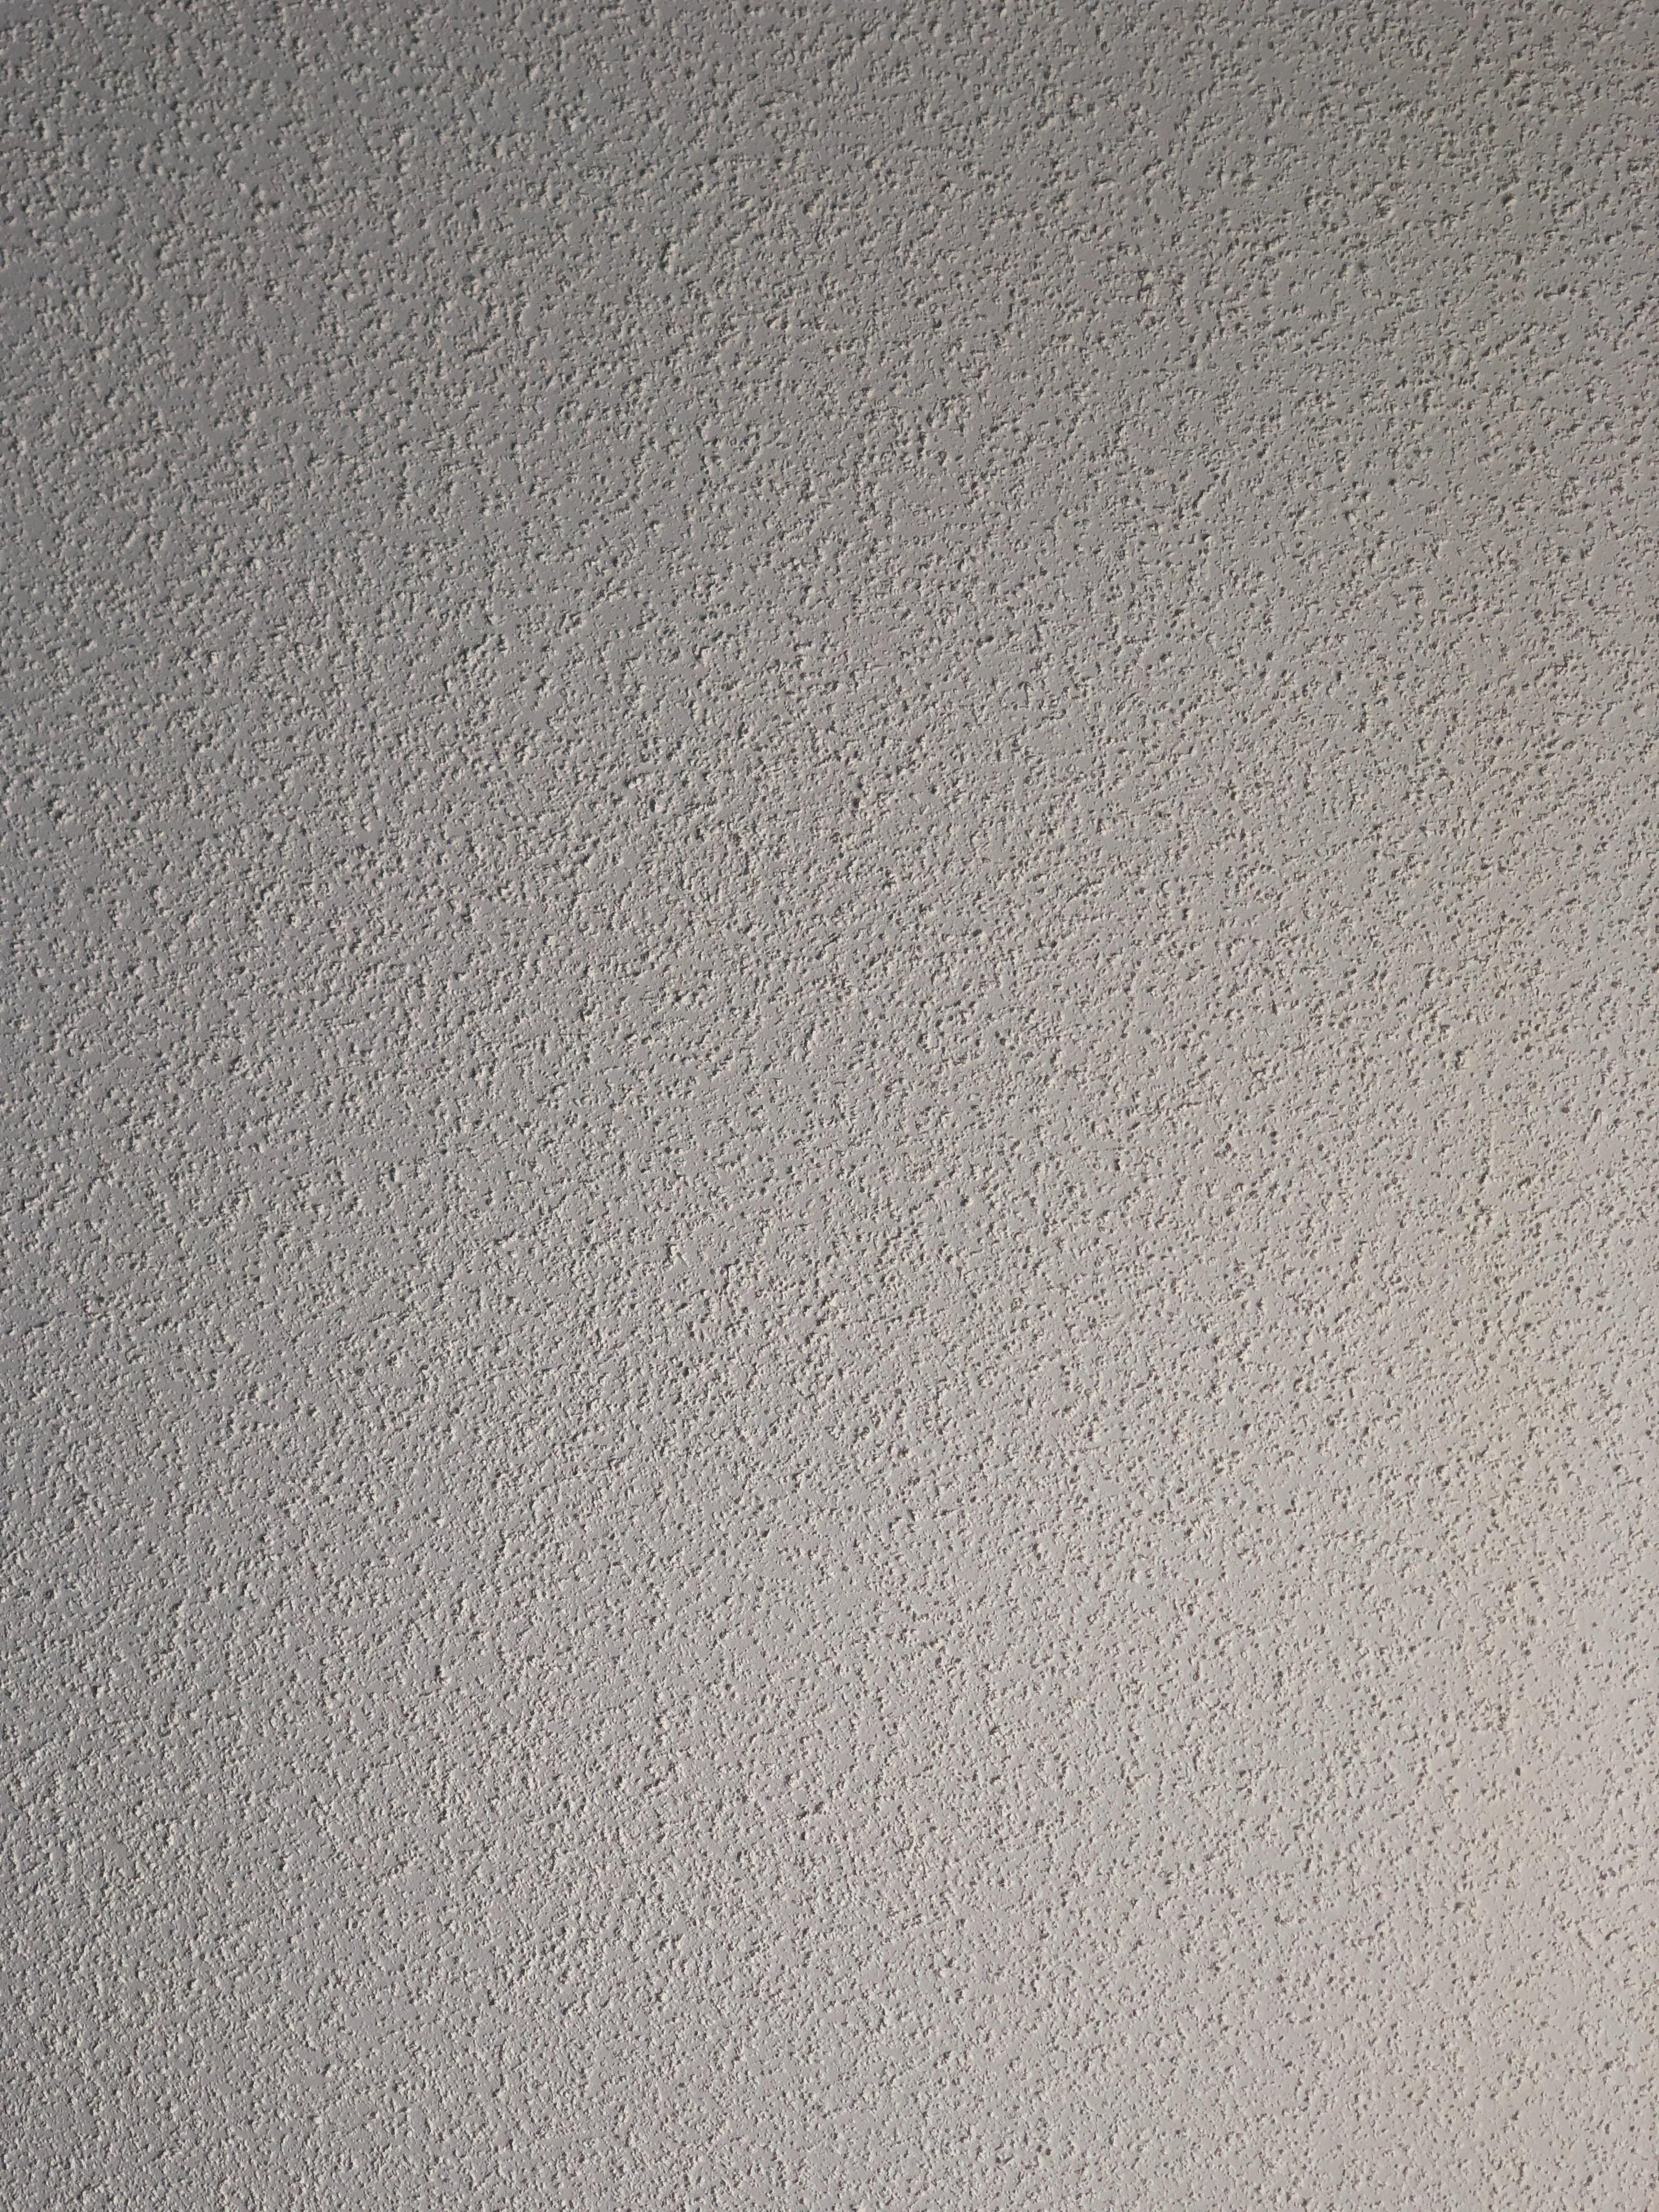 154028 Hintergrundbild herunterladen Texturen, Textur, Oberfläche, Rau, Beton, Konkrete - Bildschirmschoner und Bilder kostenlos